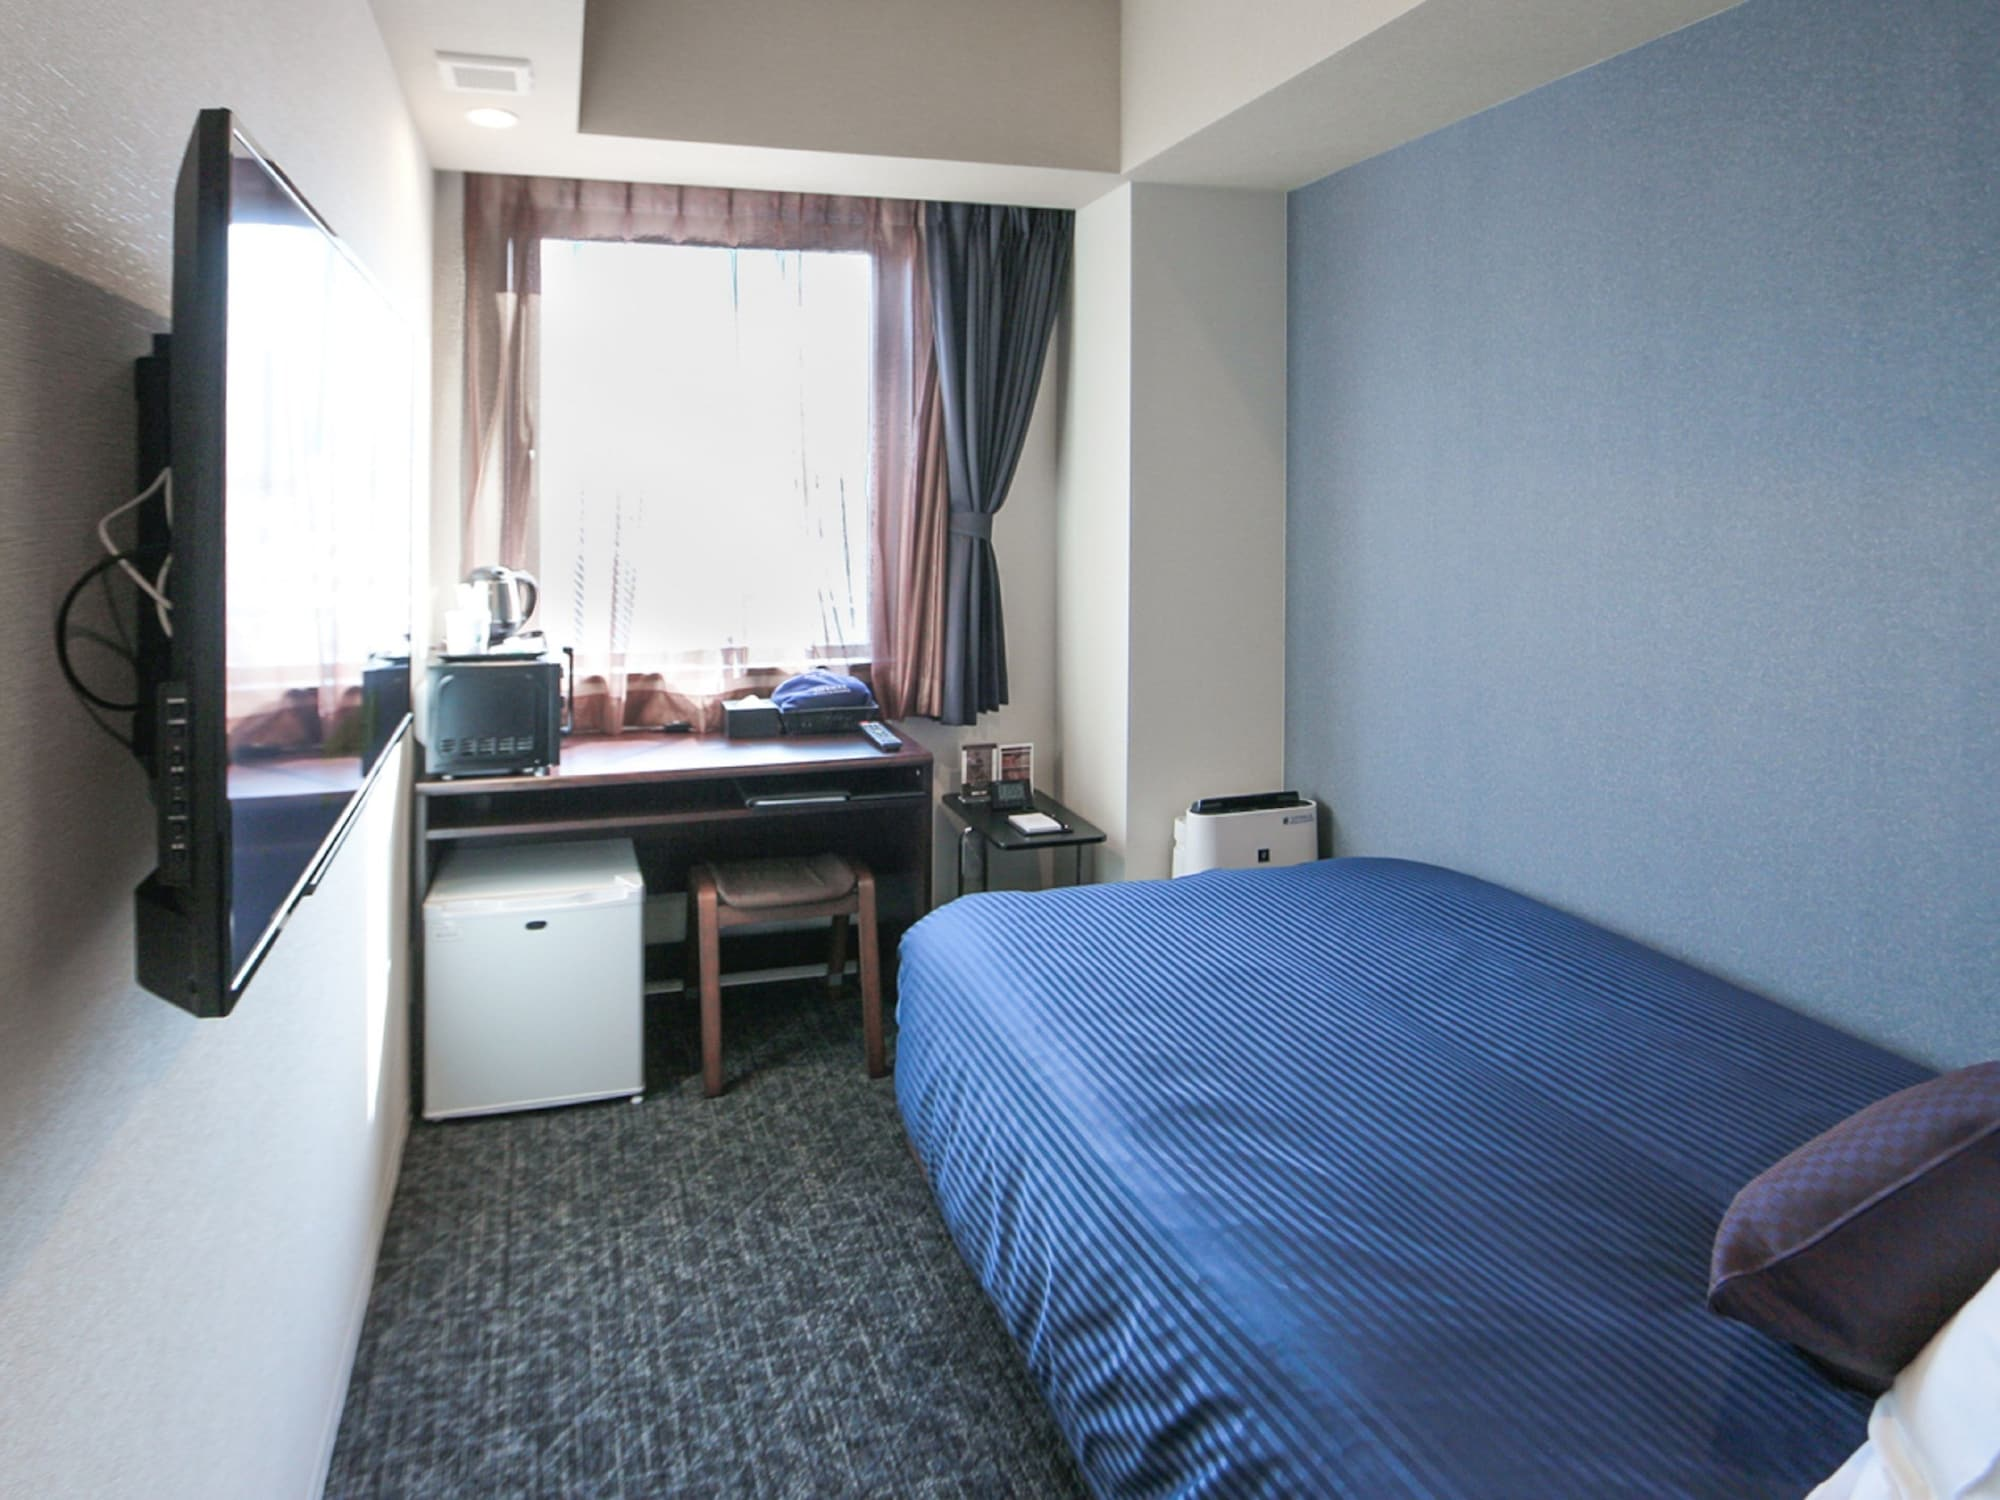 HOTEL LiVEMAX AKASAKA, Minato